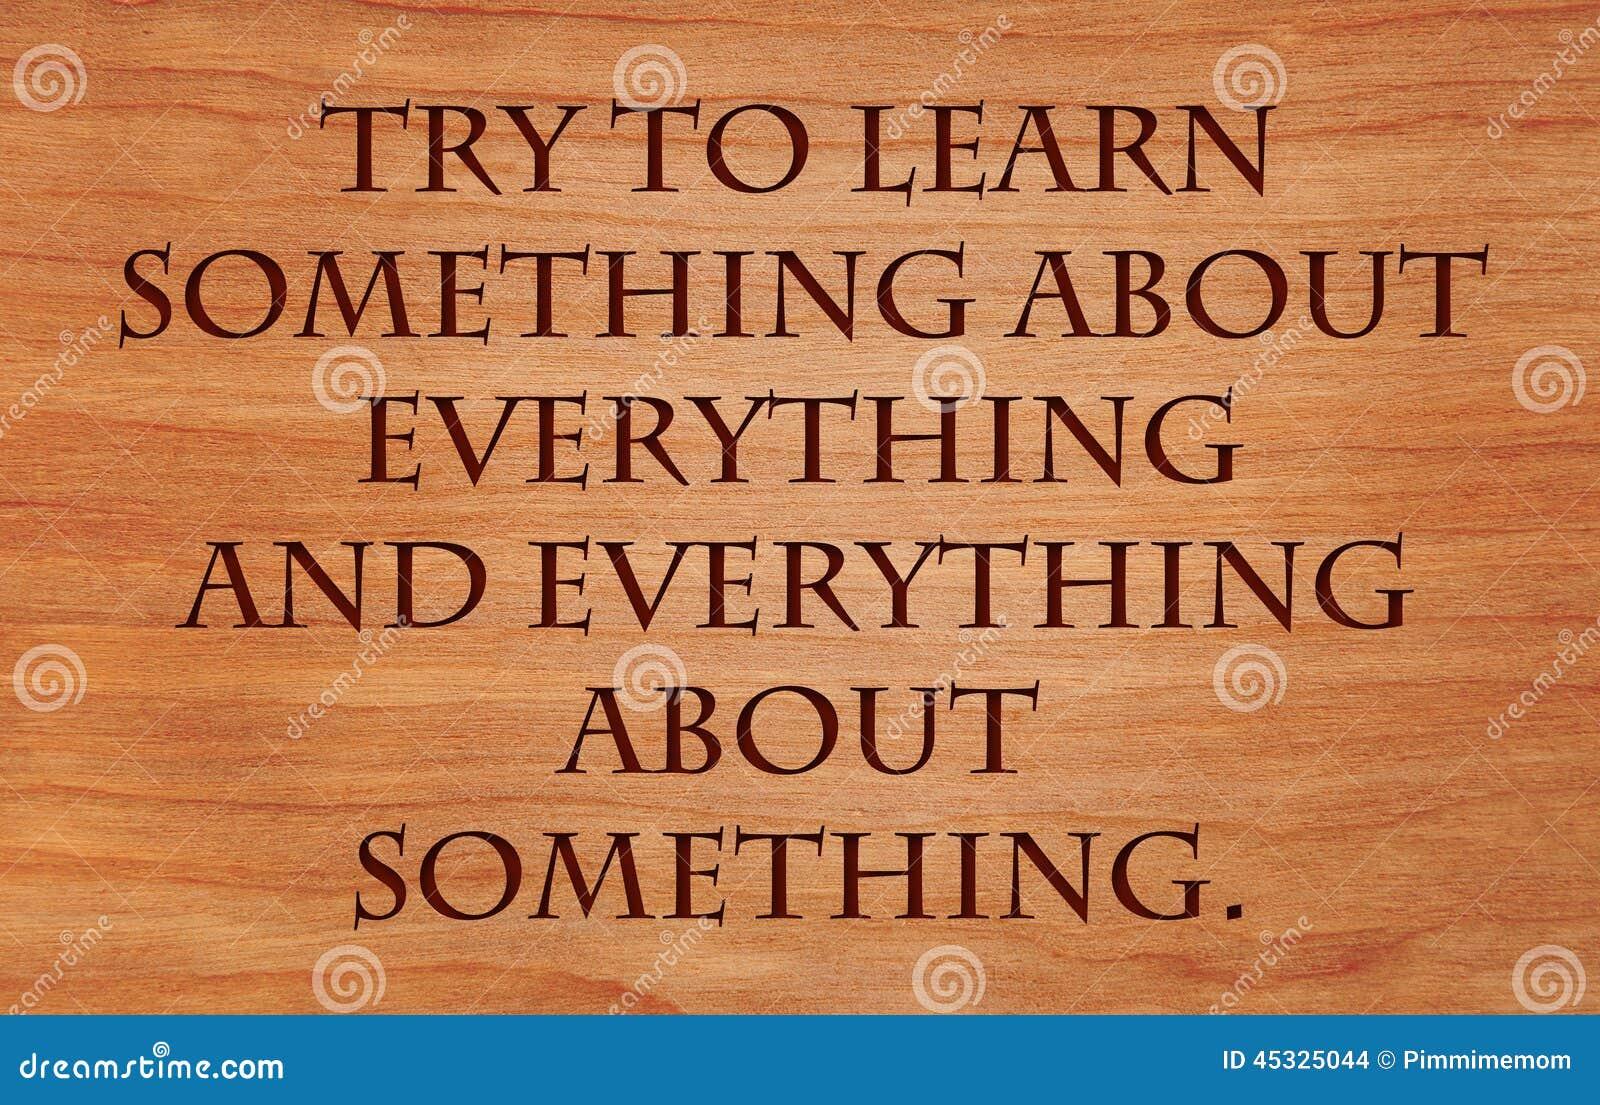 Provi ad imparare qualcosa circa tutto